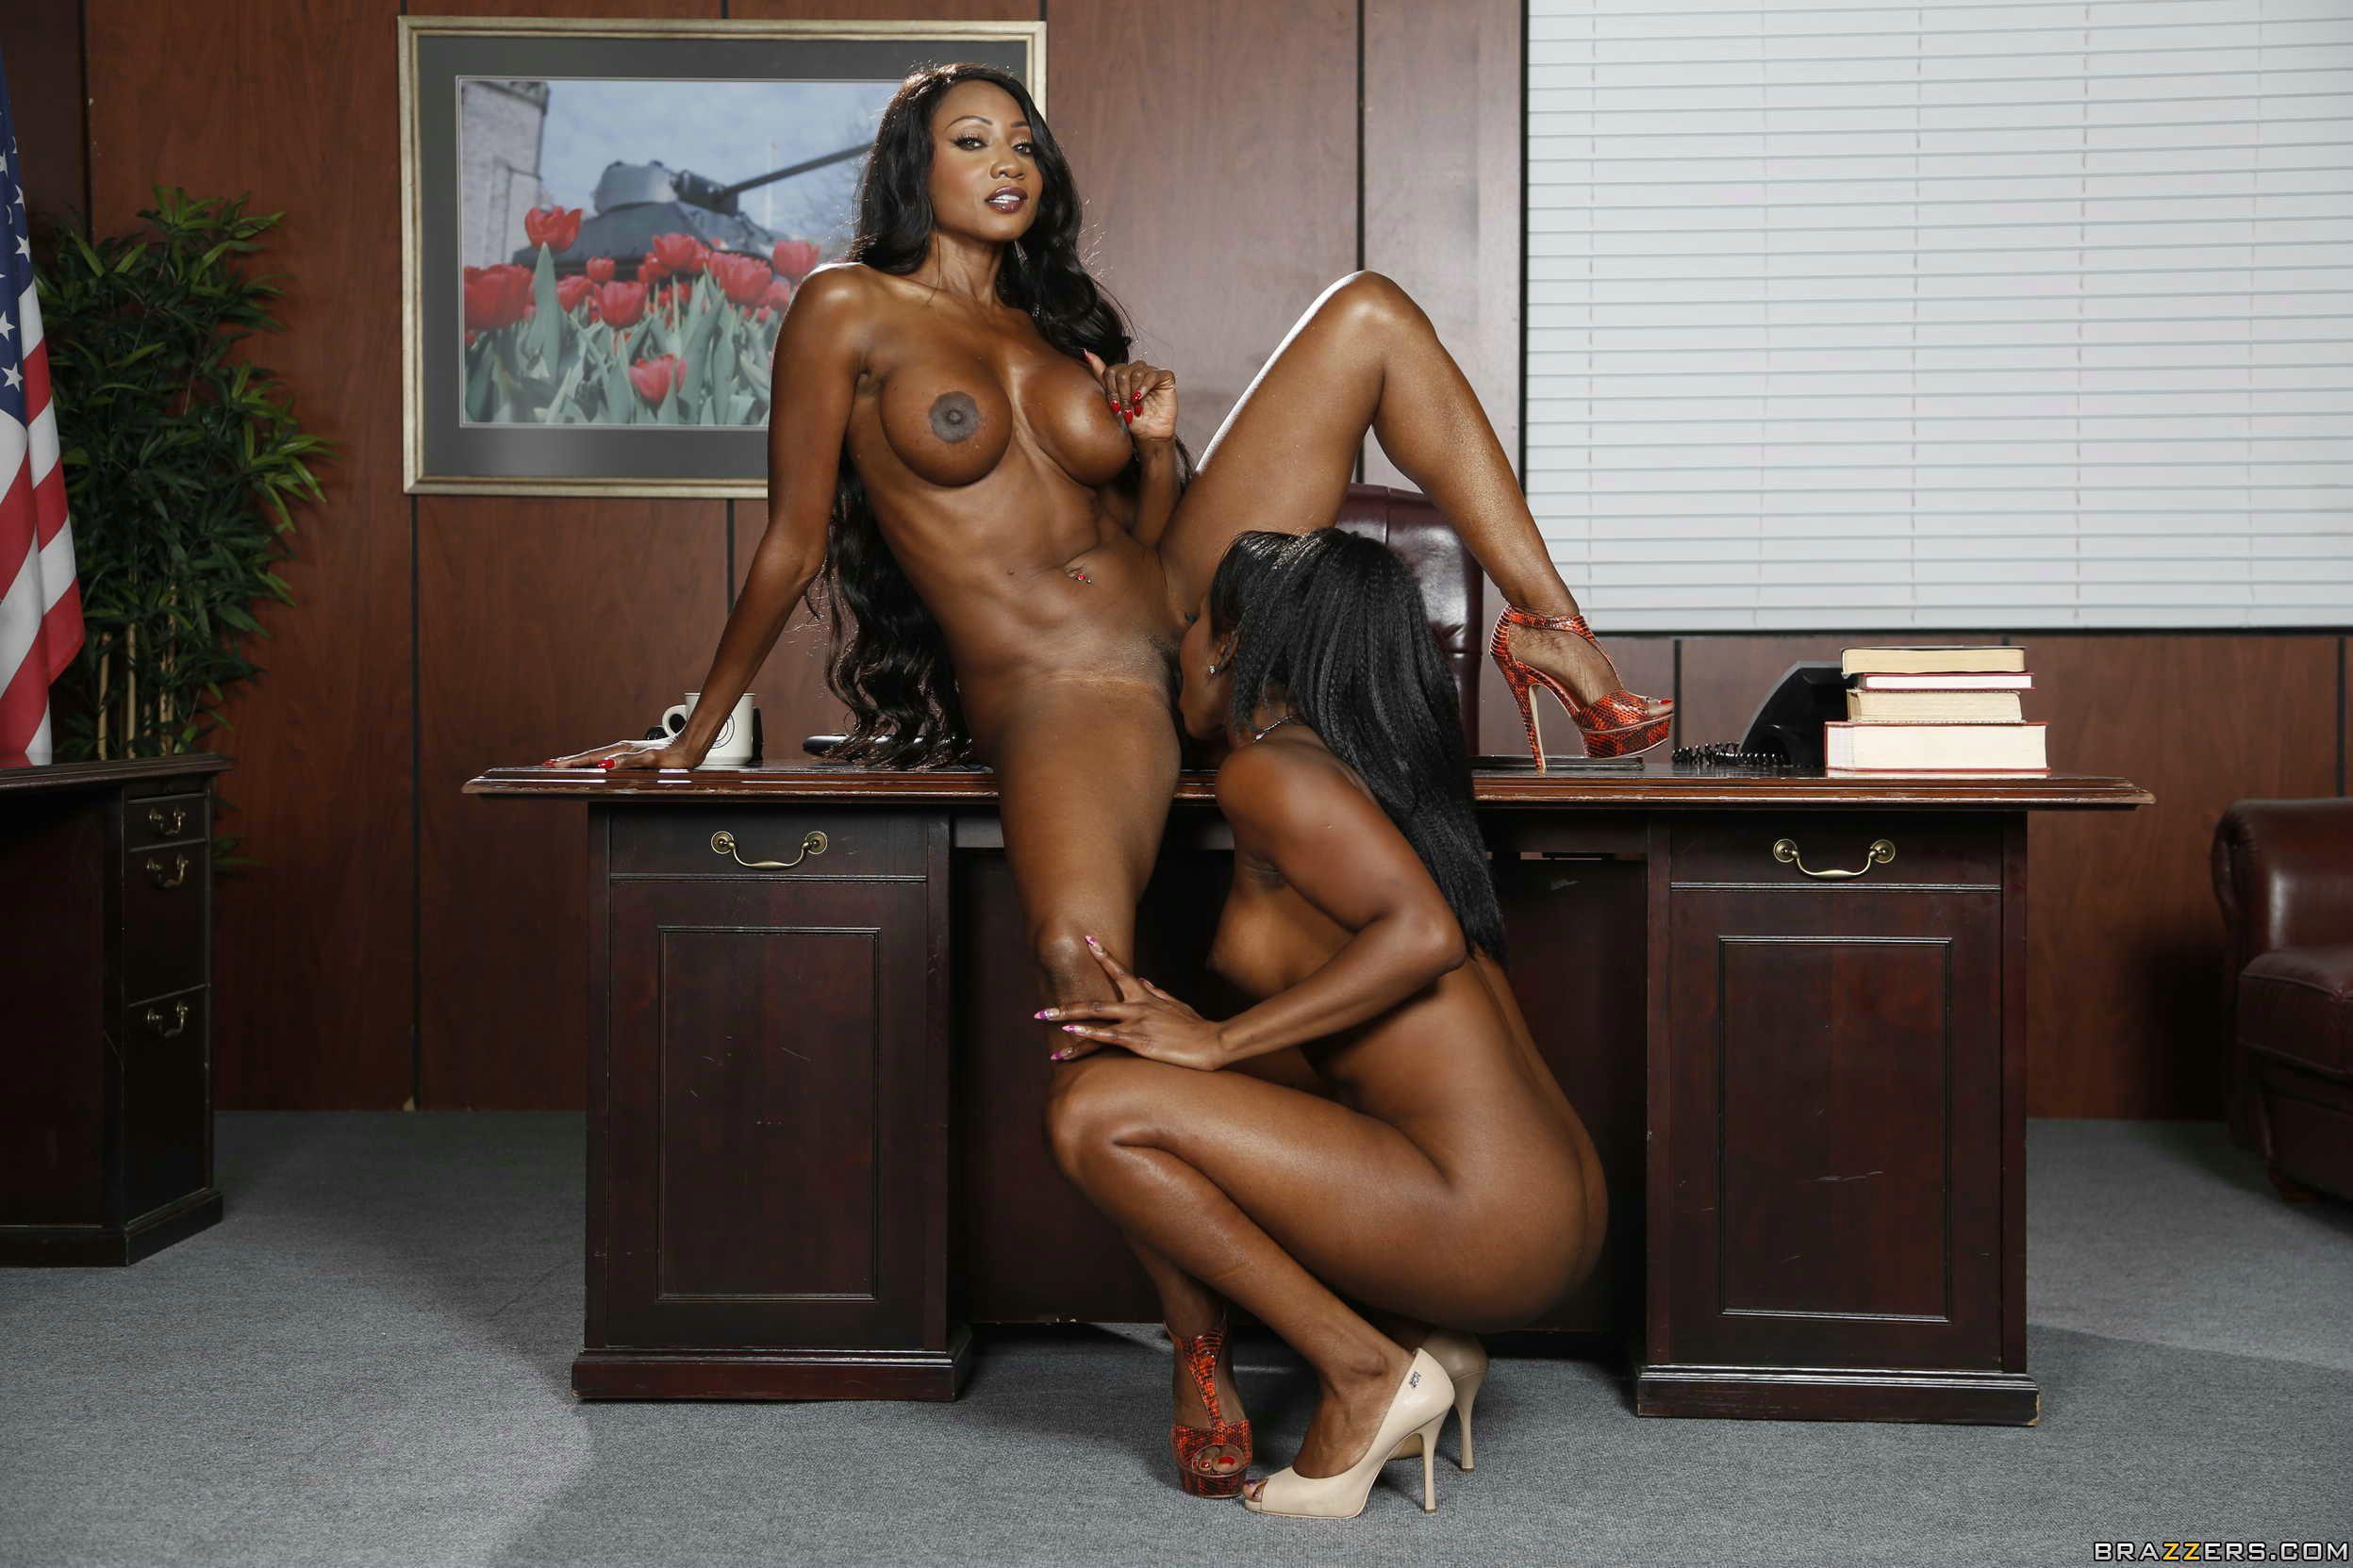 Voluptuous black women nude models